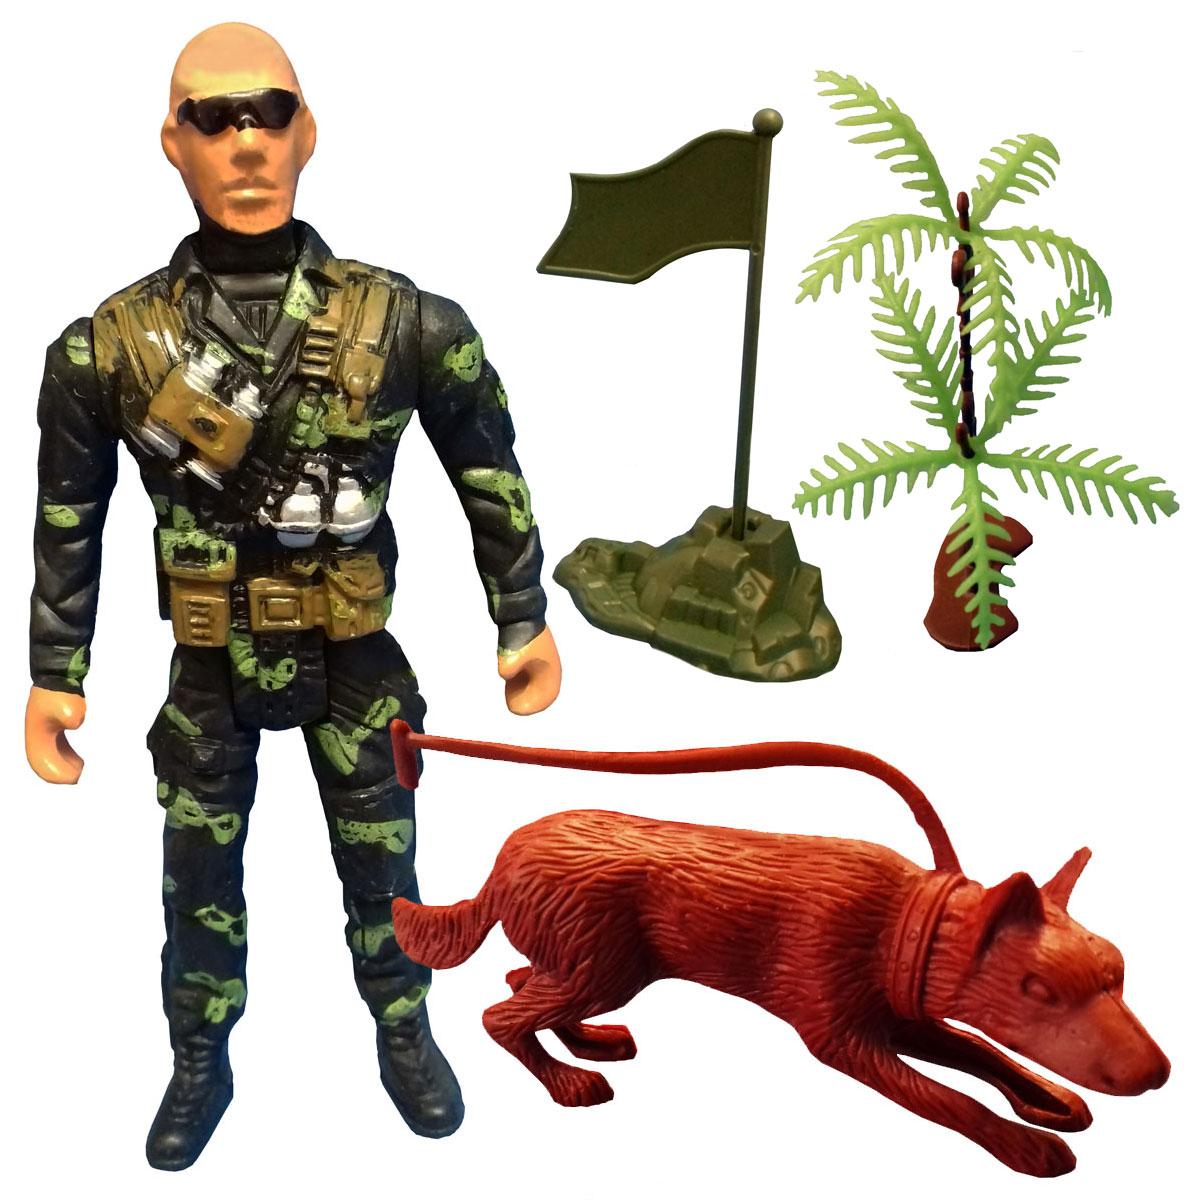 اسباب بازی جنگی مدل سرباز کد SOL8 مجموعه 4 عددی